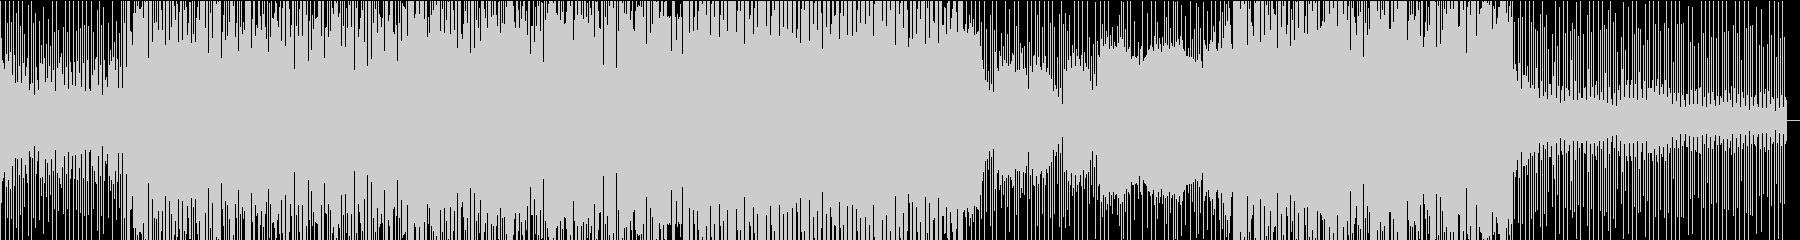 サックスとシンセのあるディープハウスの未再生の波形